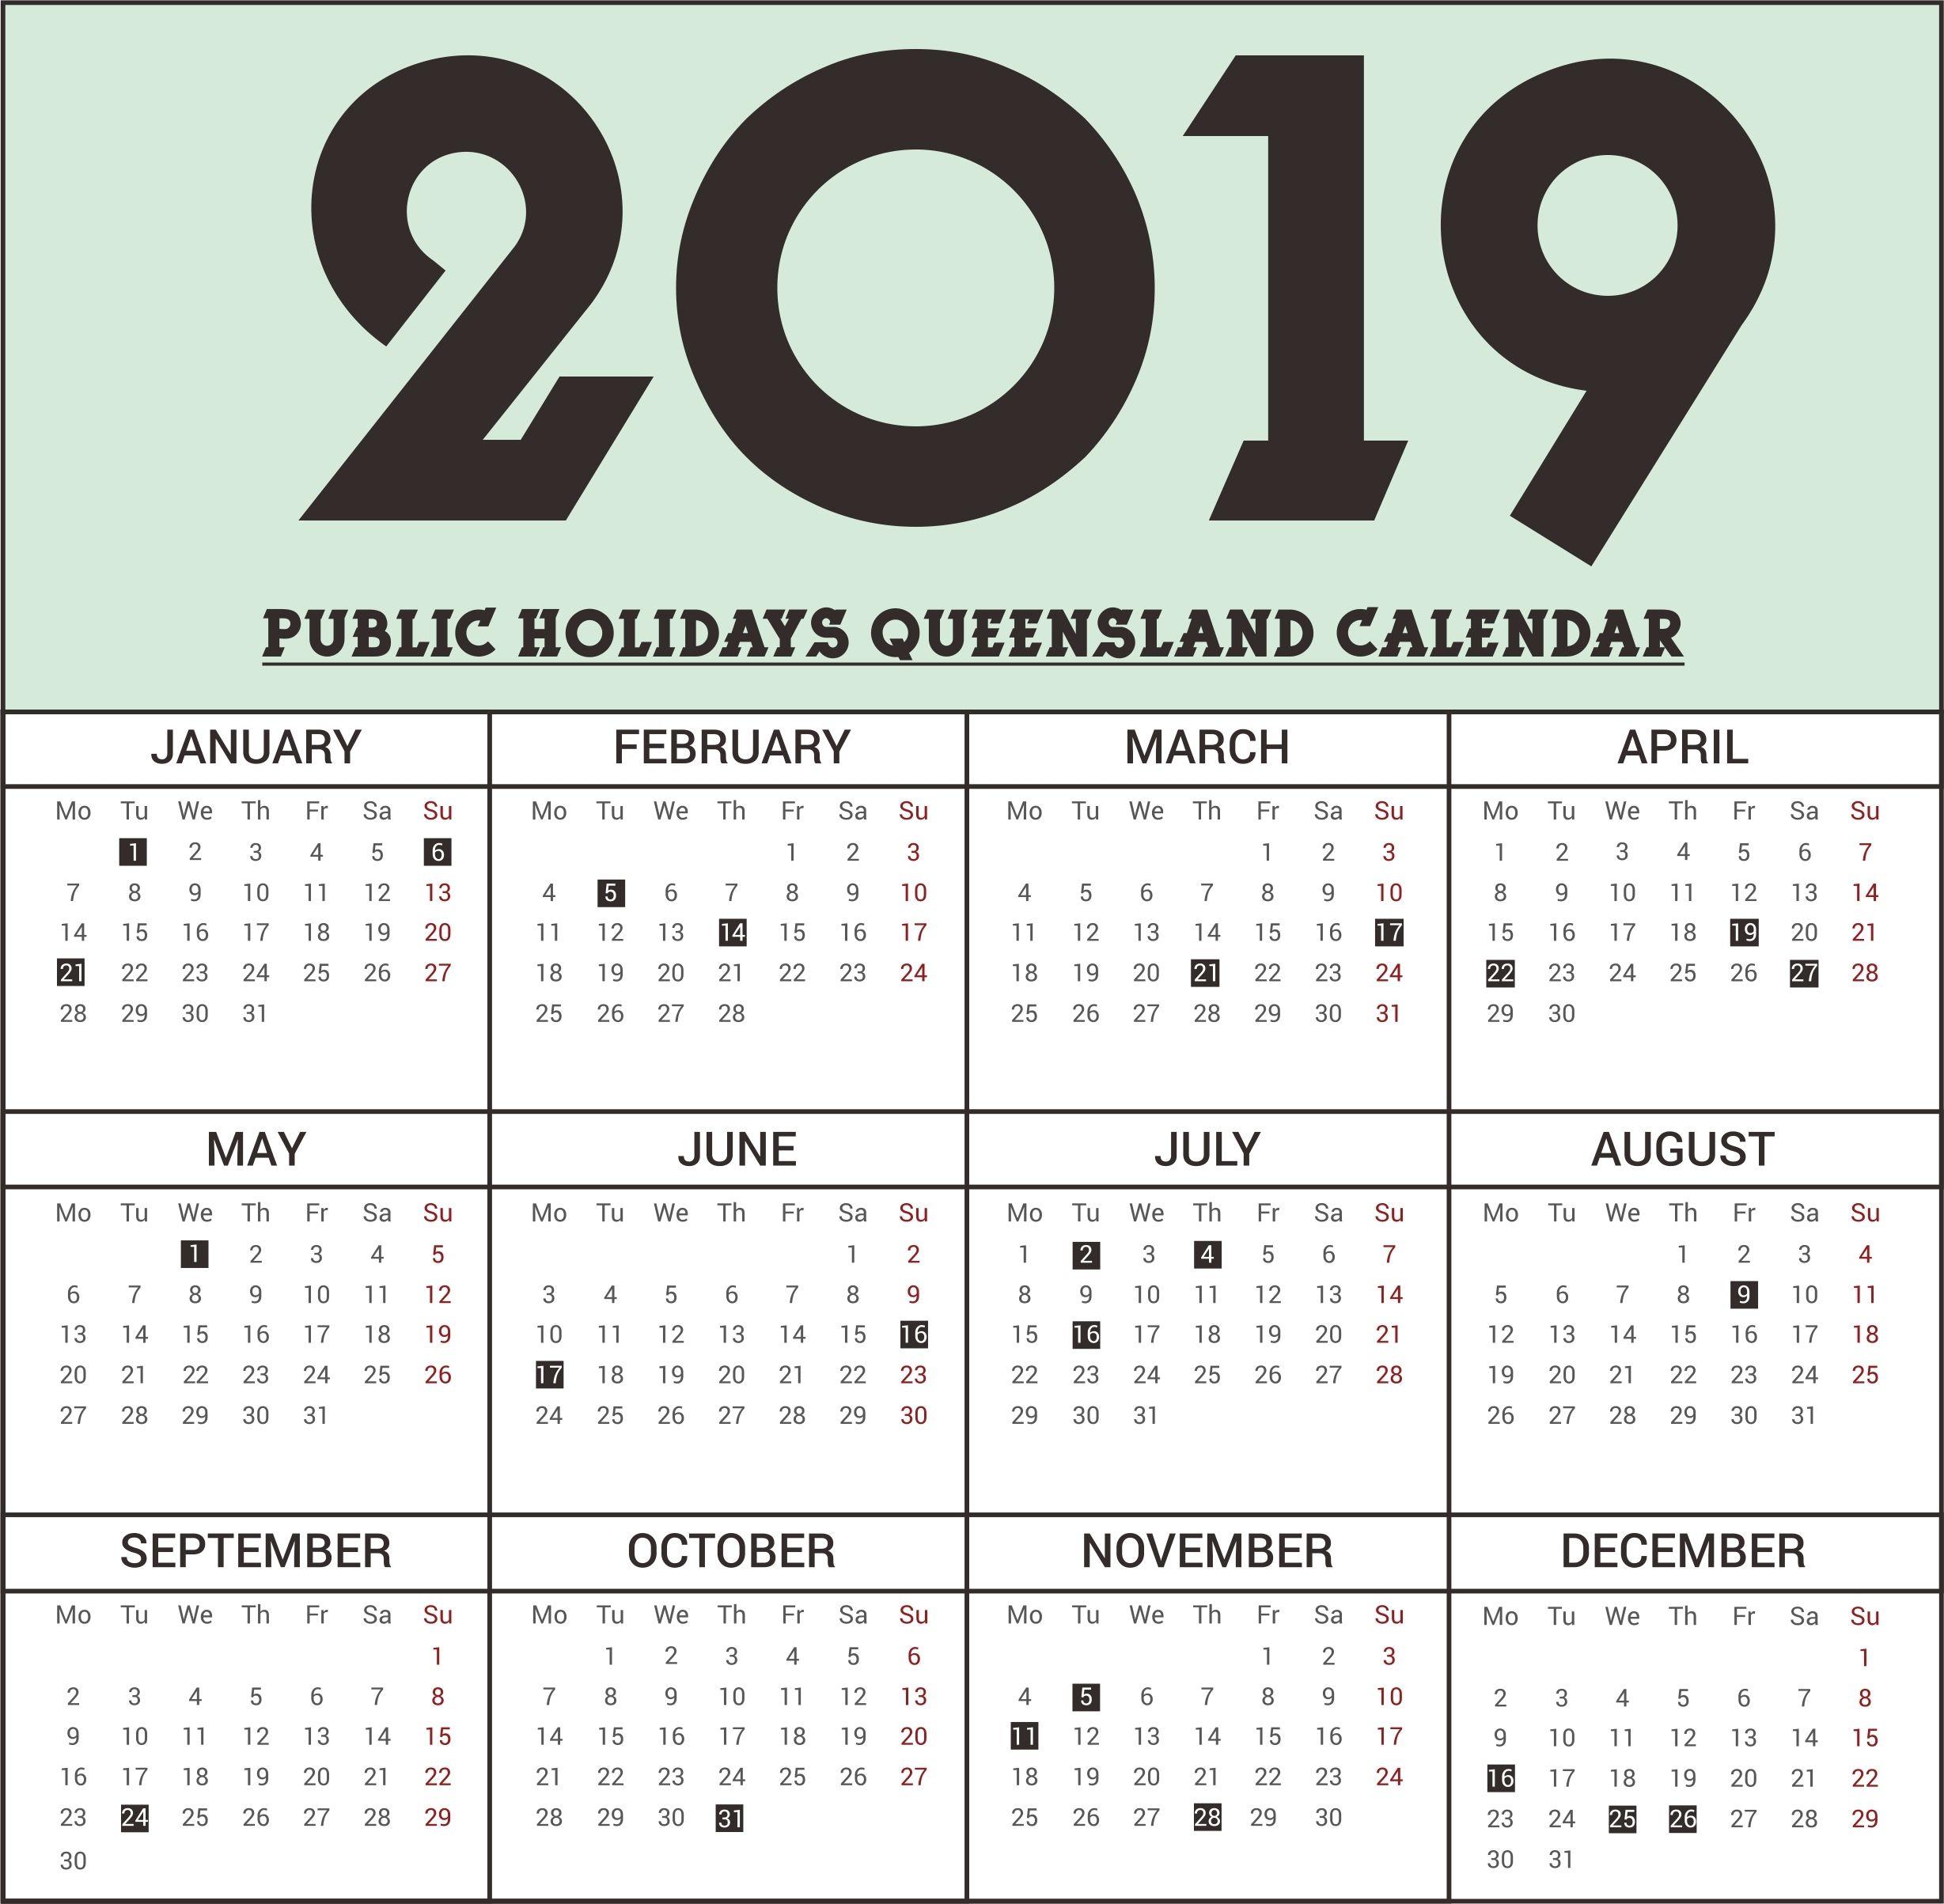 Calendar 2018 School Holidays Qld